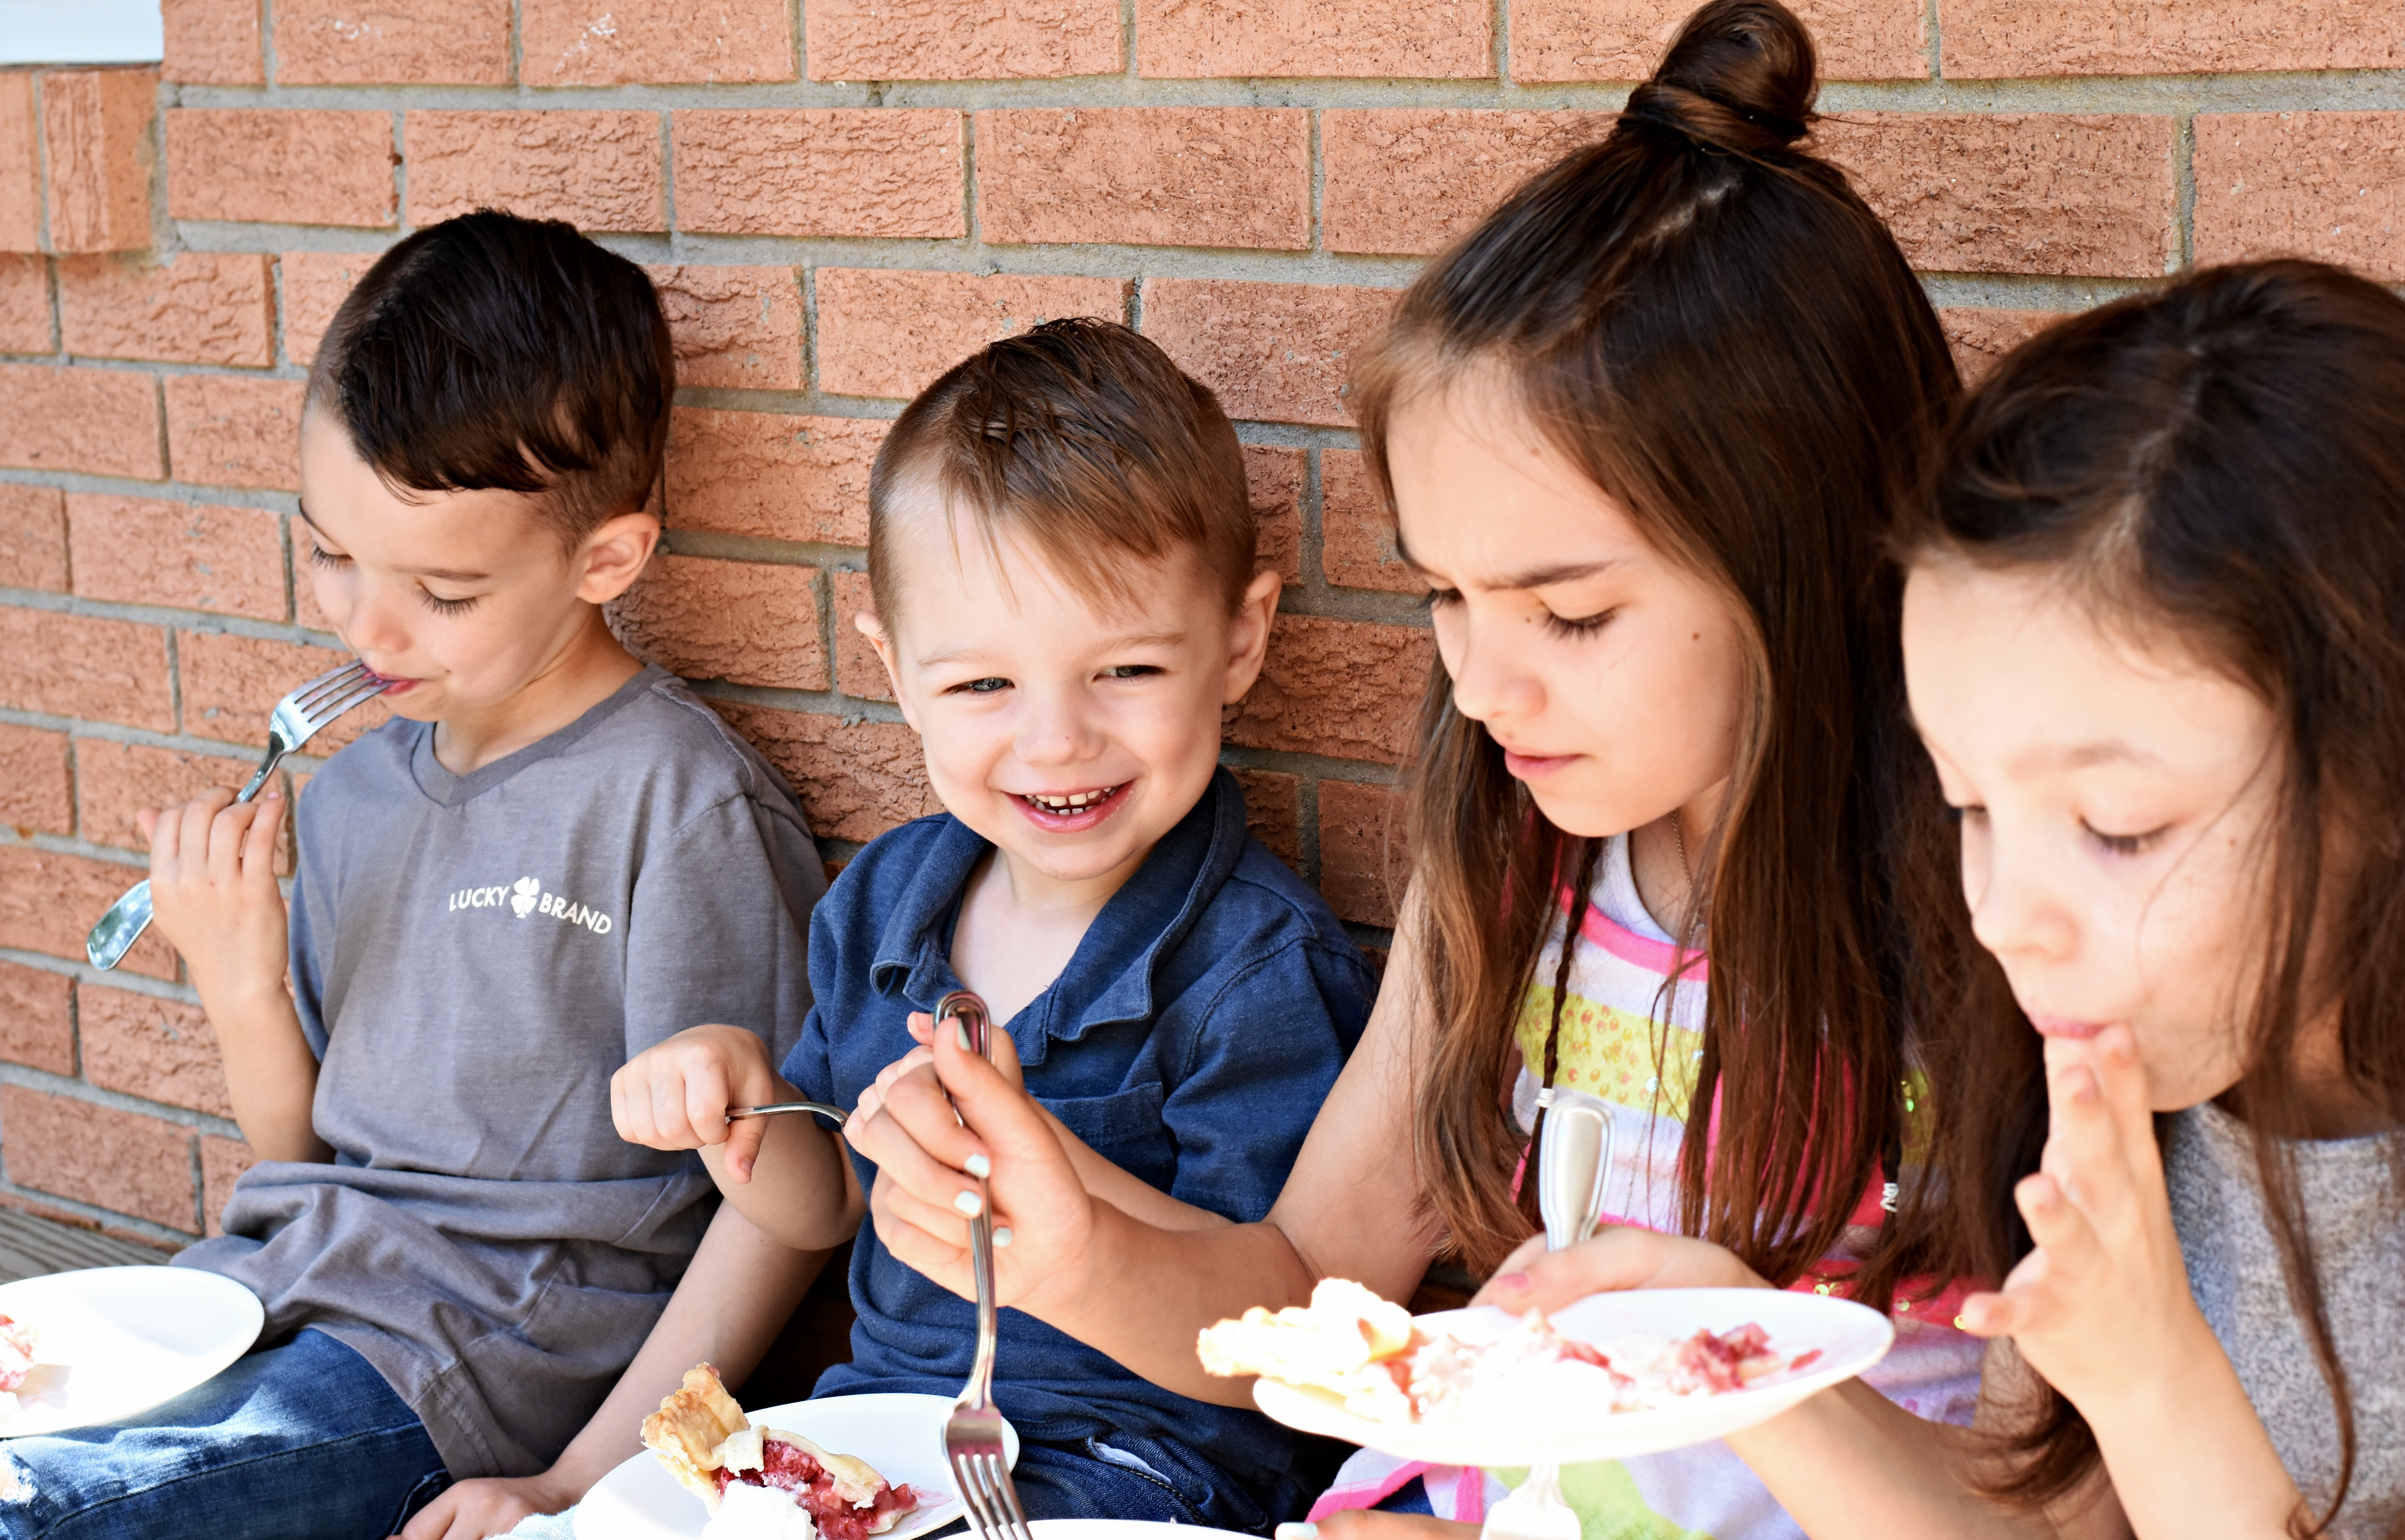 kids eating pie